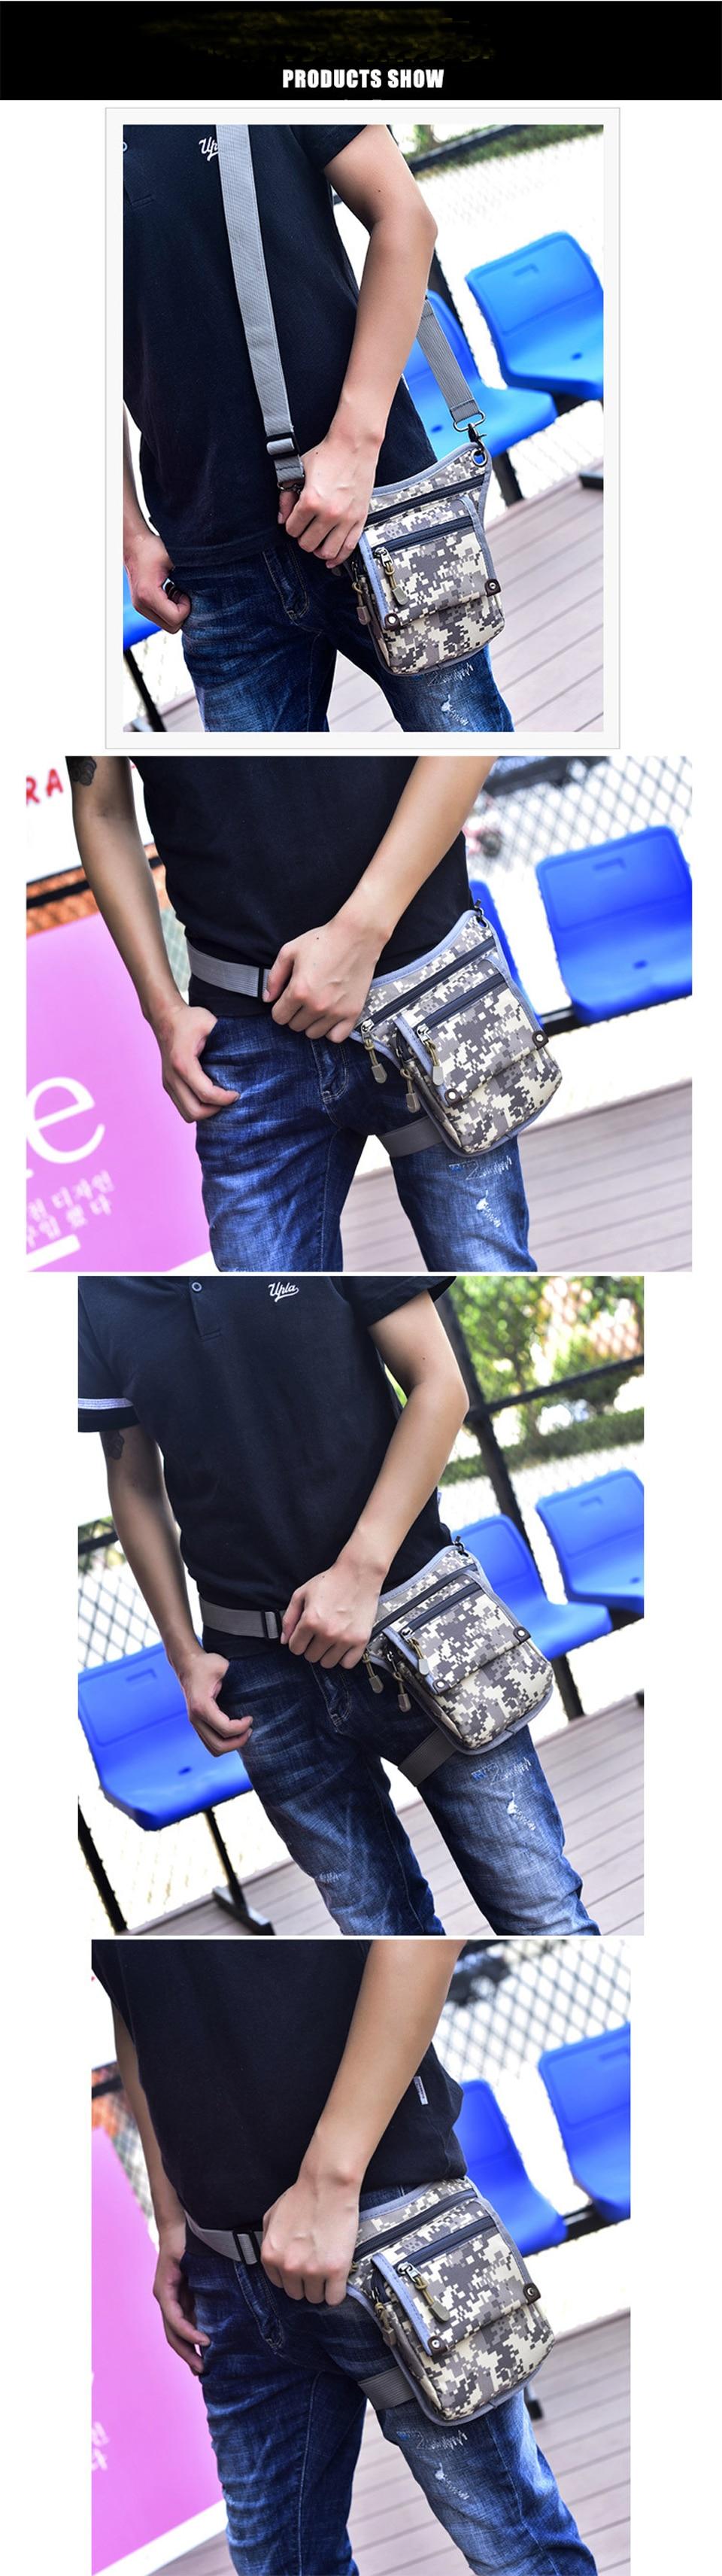 3 men's shoulder bag